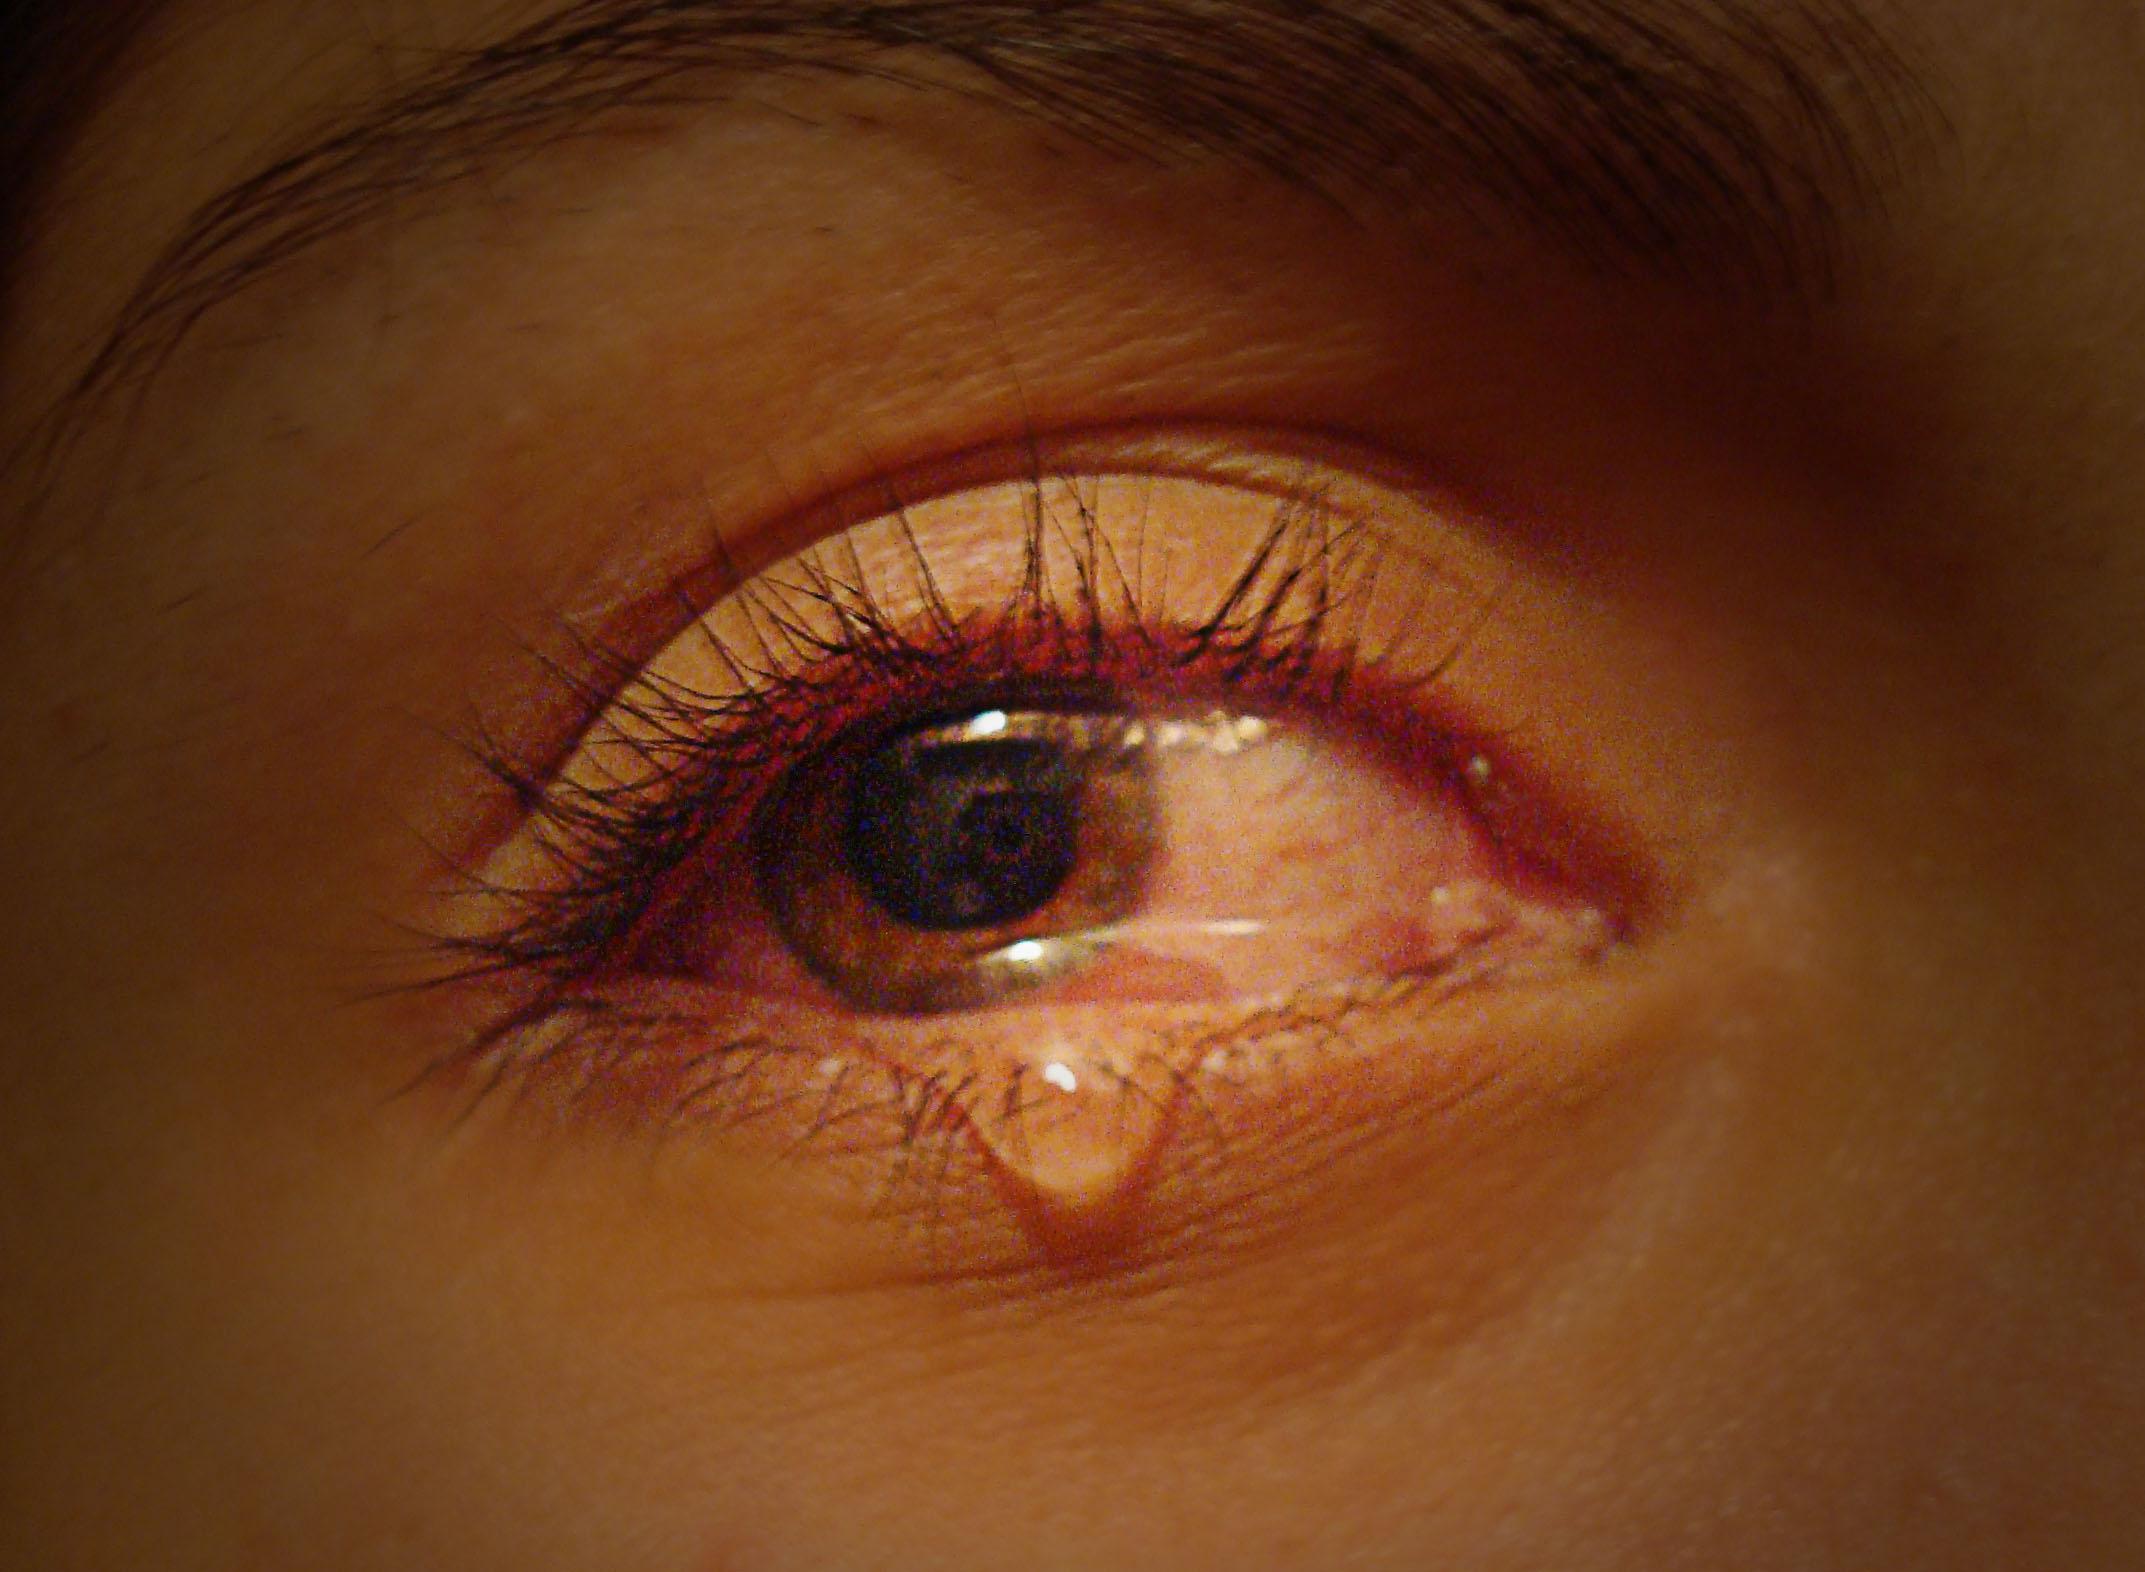 как убрать заплаканные глаза быстро этом, практически ежегодно